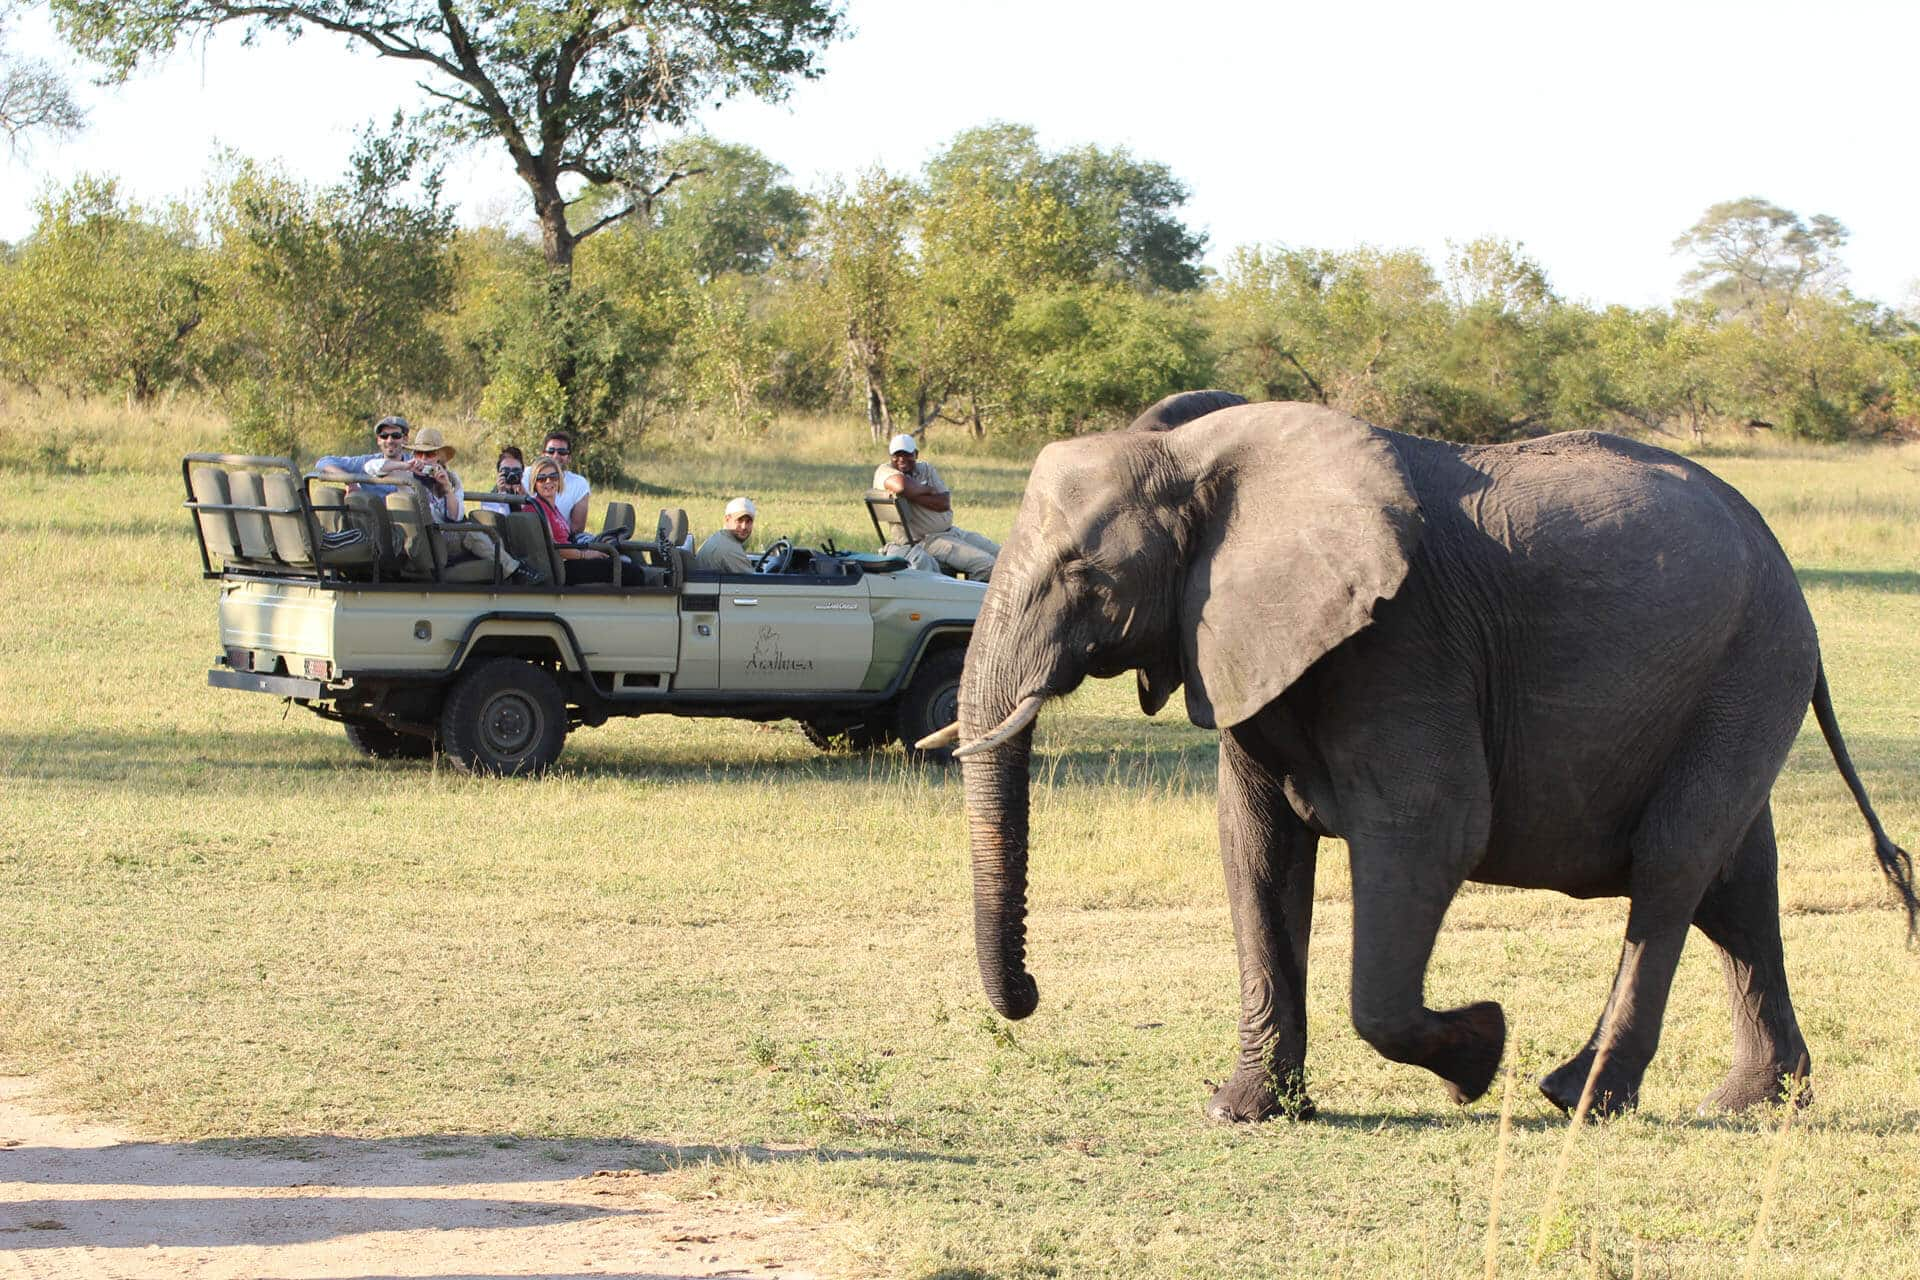 Elefanten bei einer Jeep-Safari beobachten